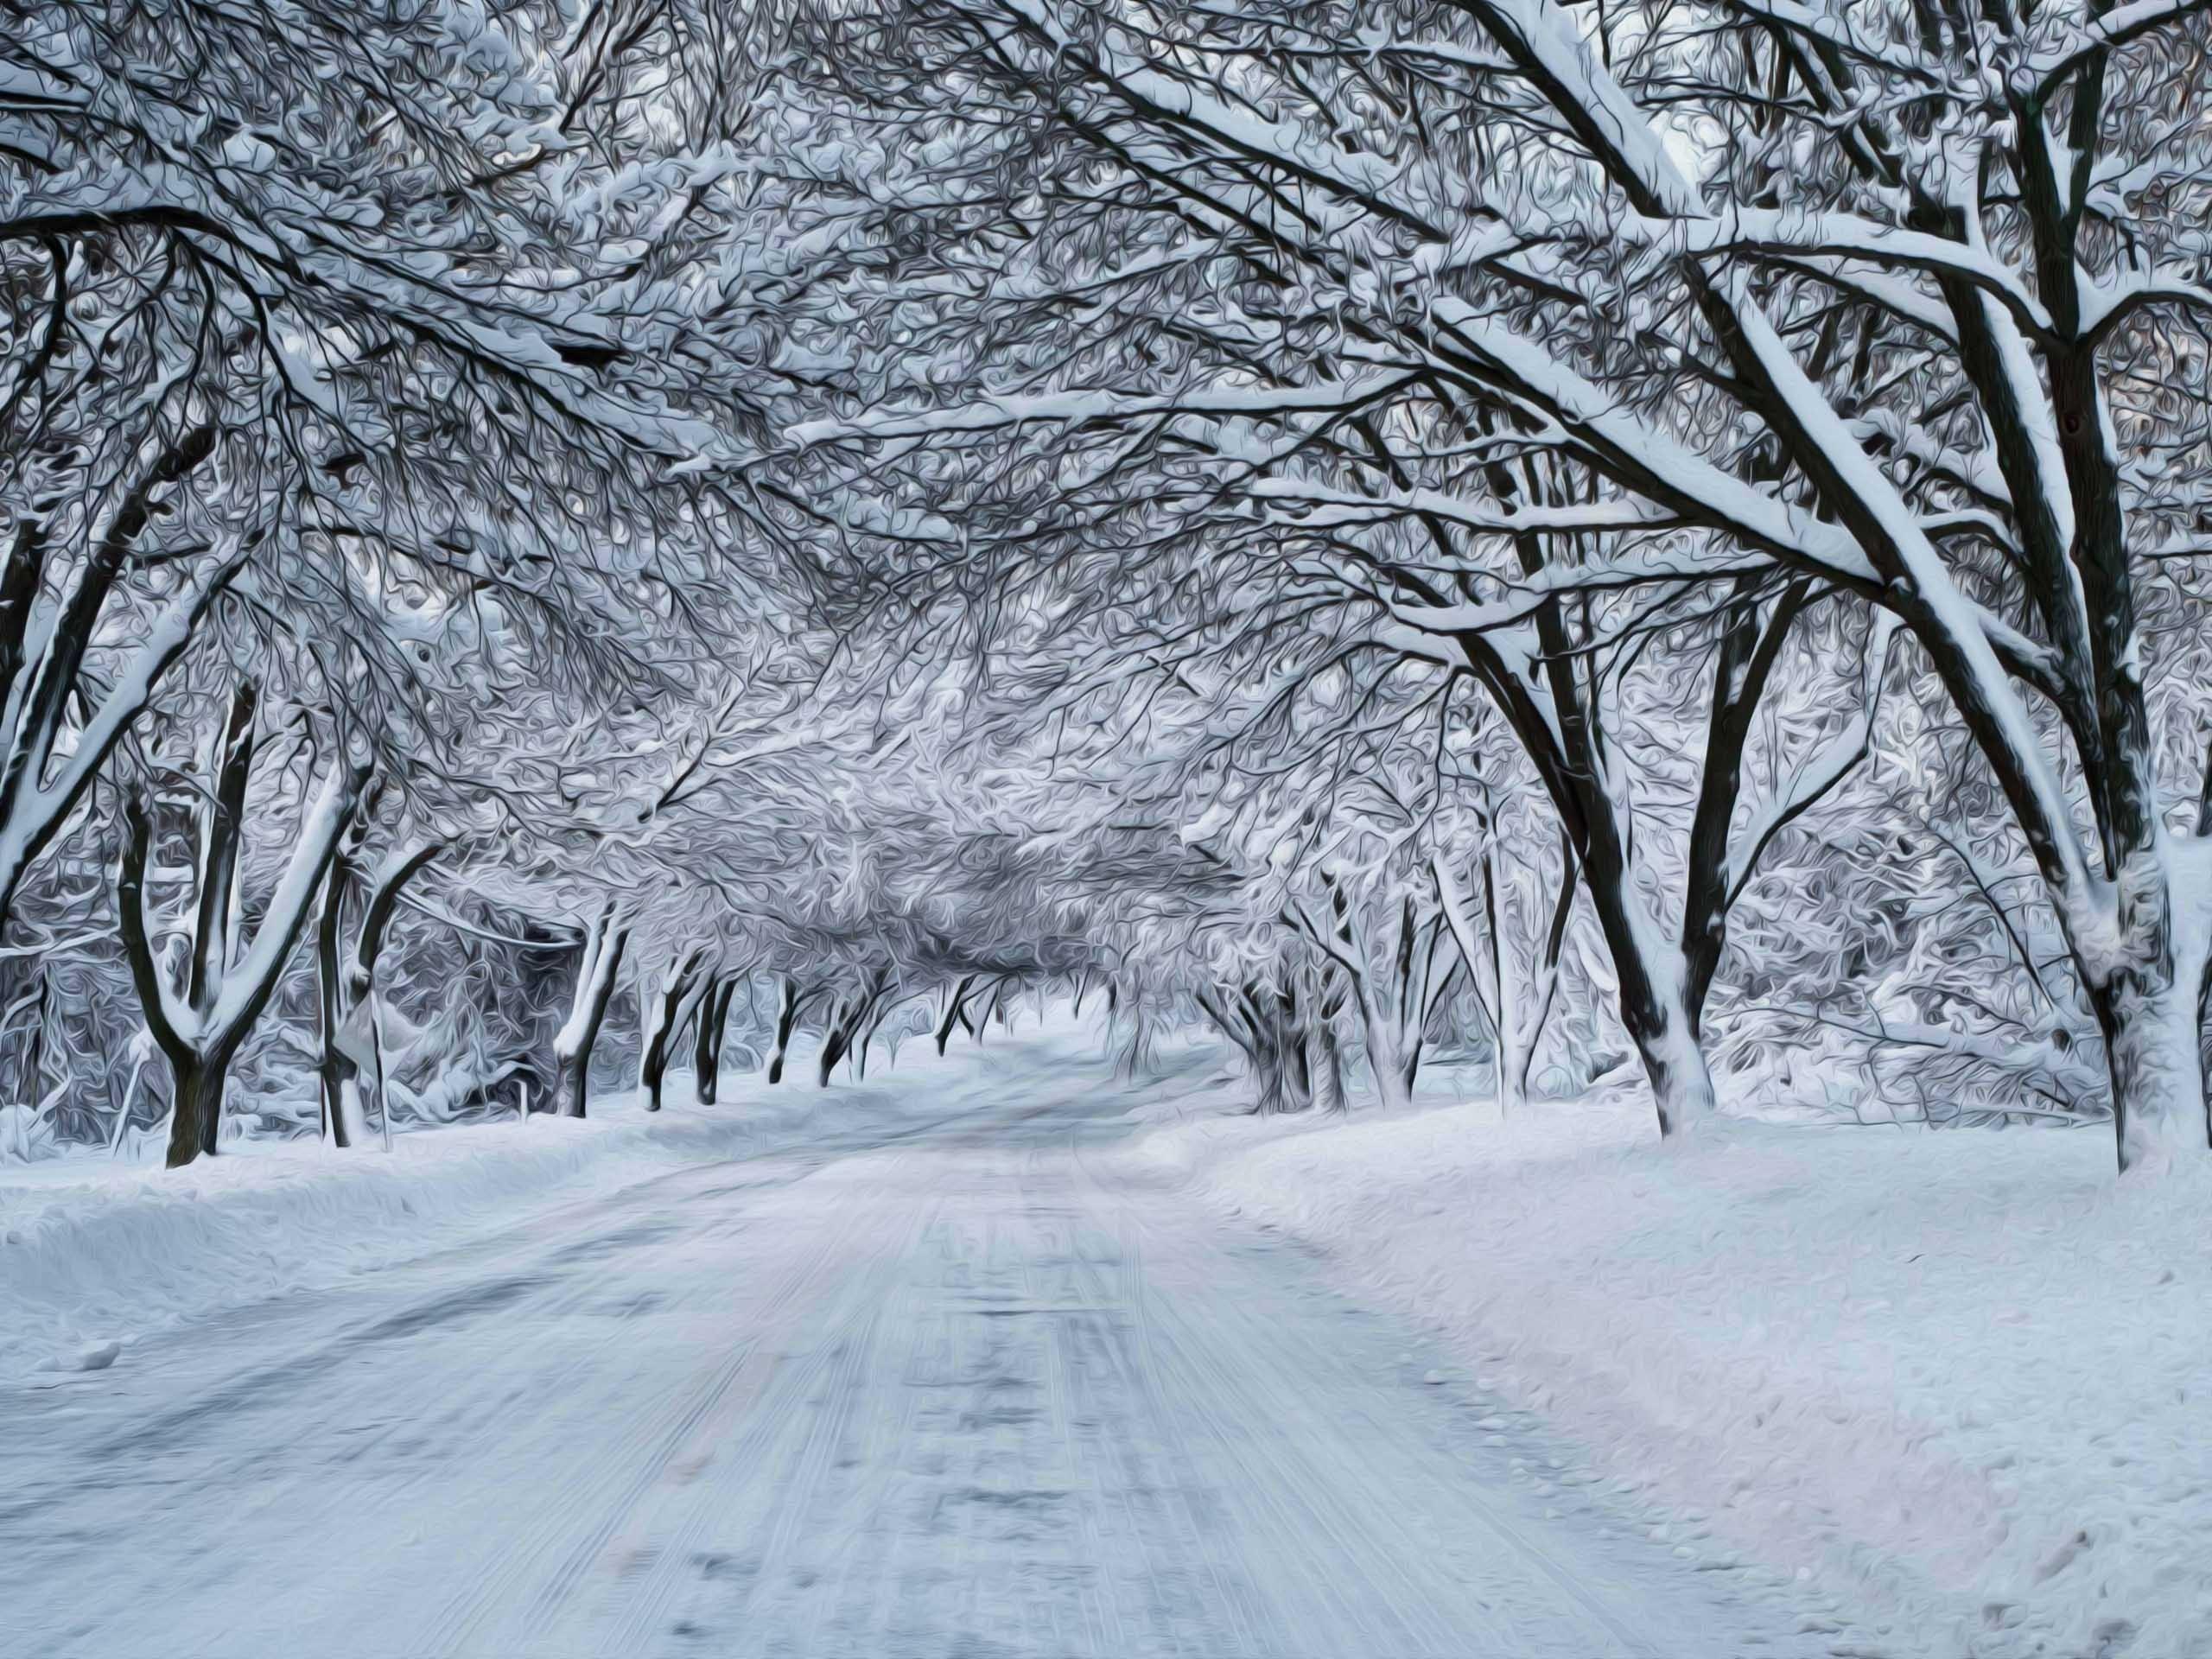 Christmas Winter Snow Scenes Wallpaper Wallpapersafari